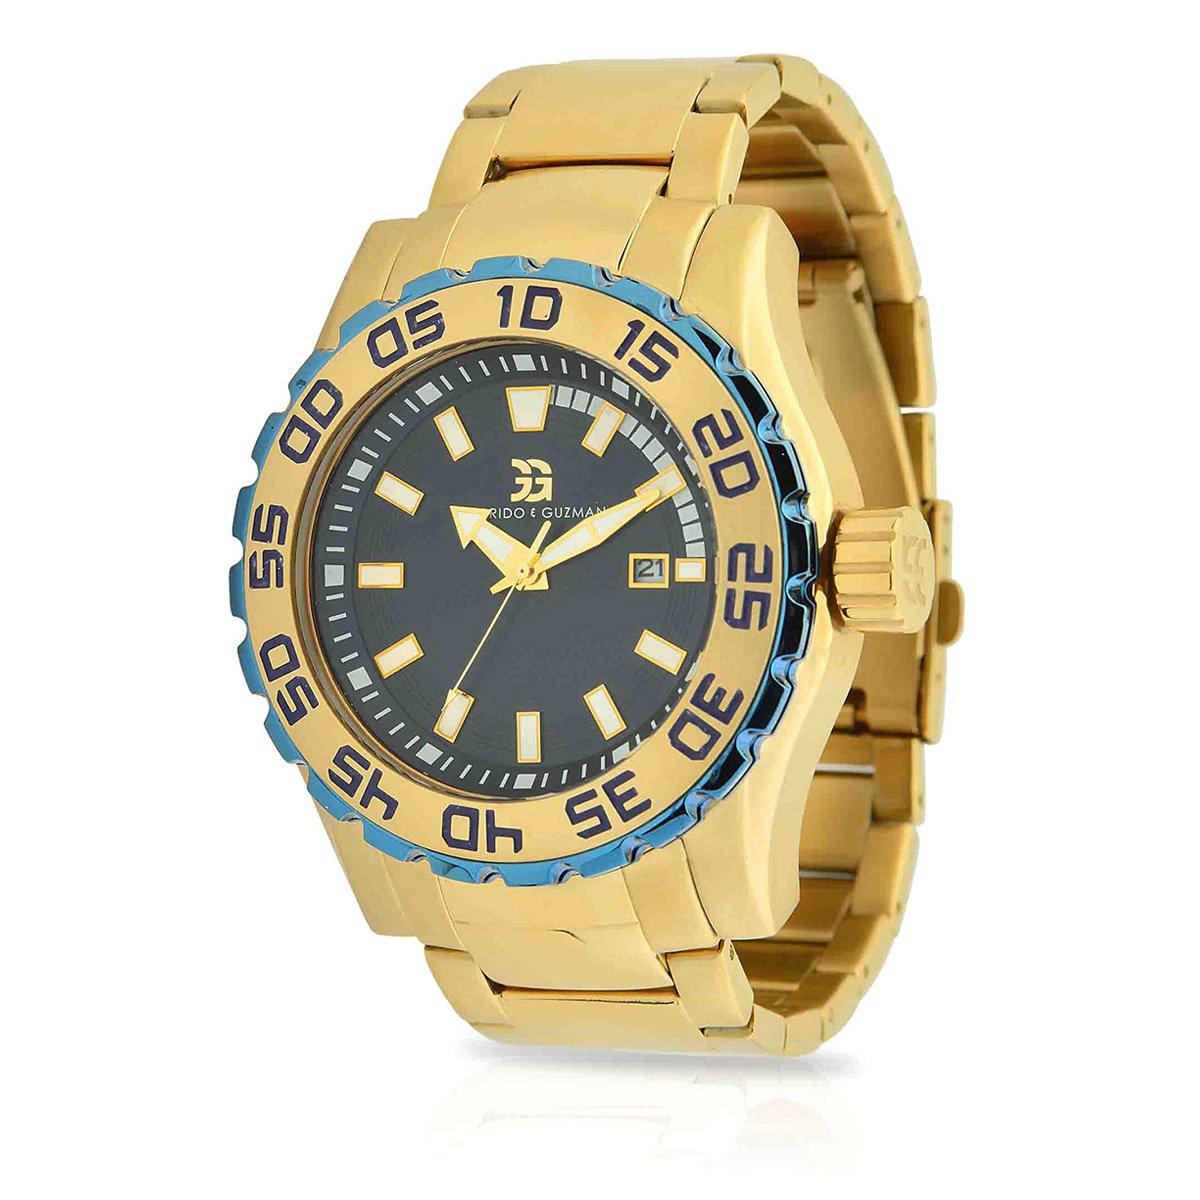 6be1b925193 Relógio Garrido e Guzman Analógico 2046GSG Masculino - Dourado - Compre  Agora